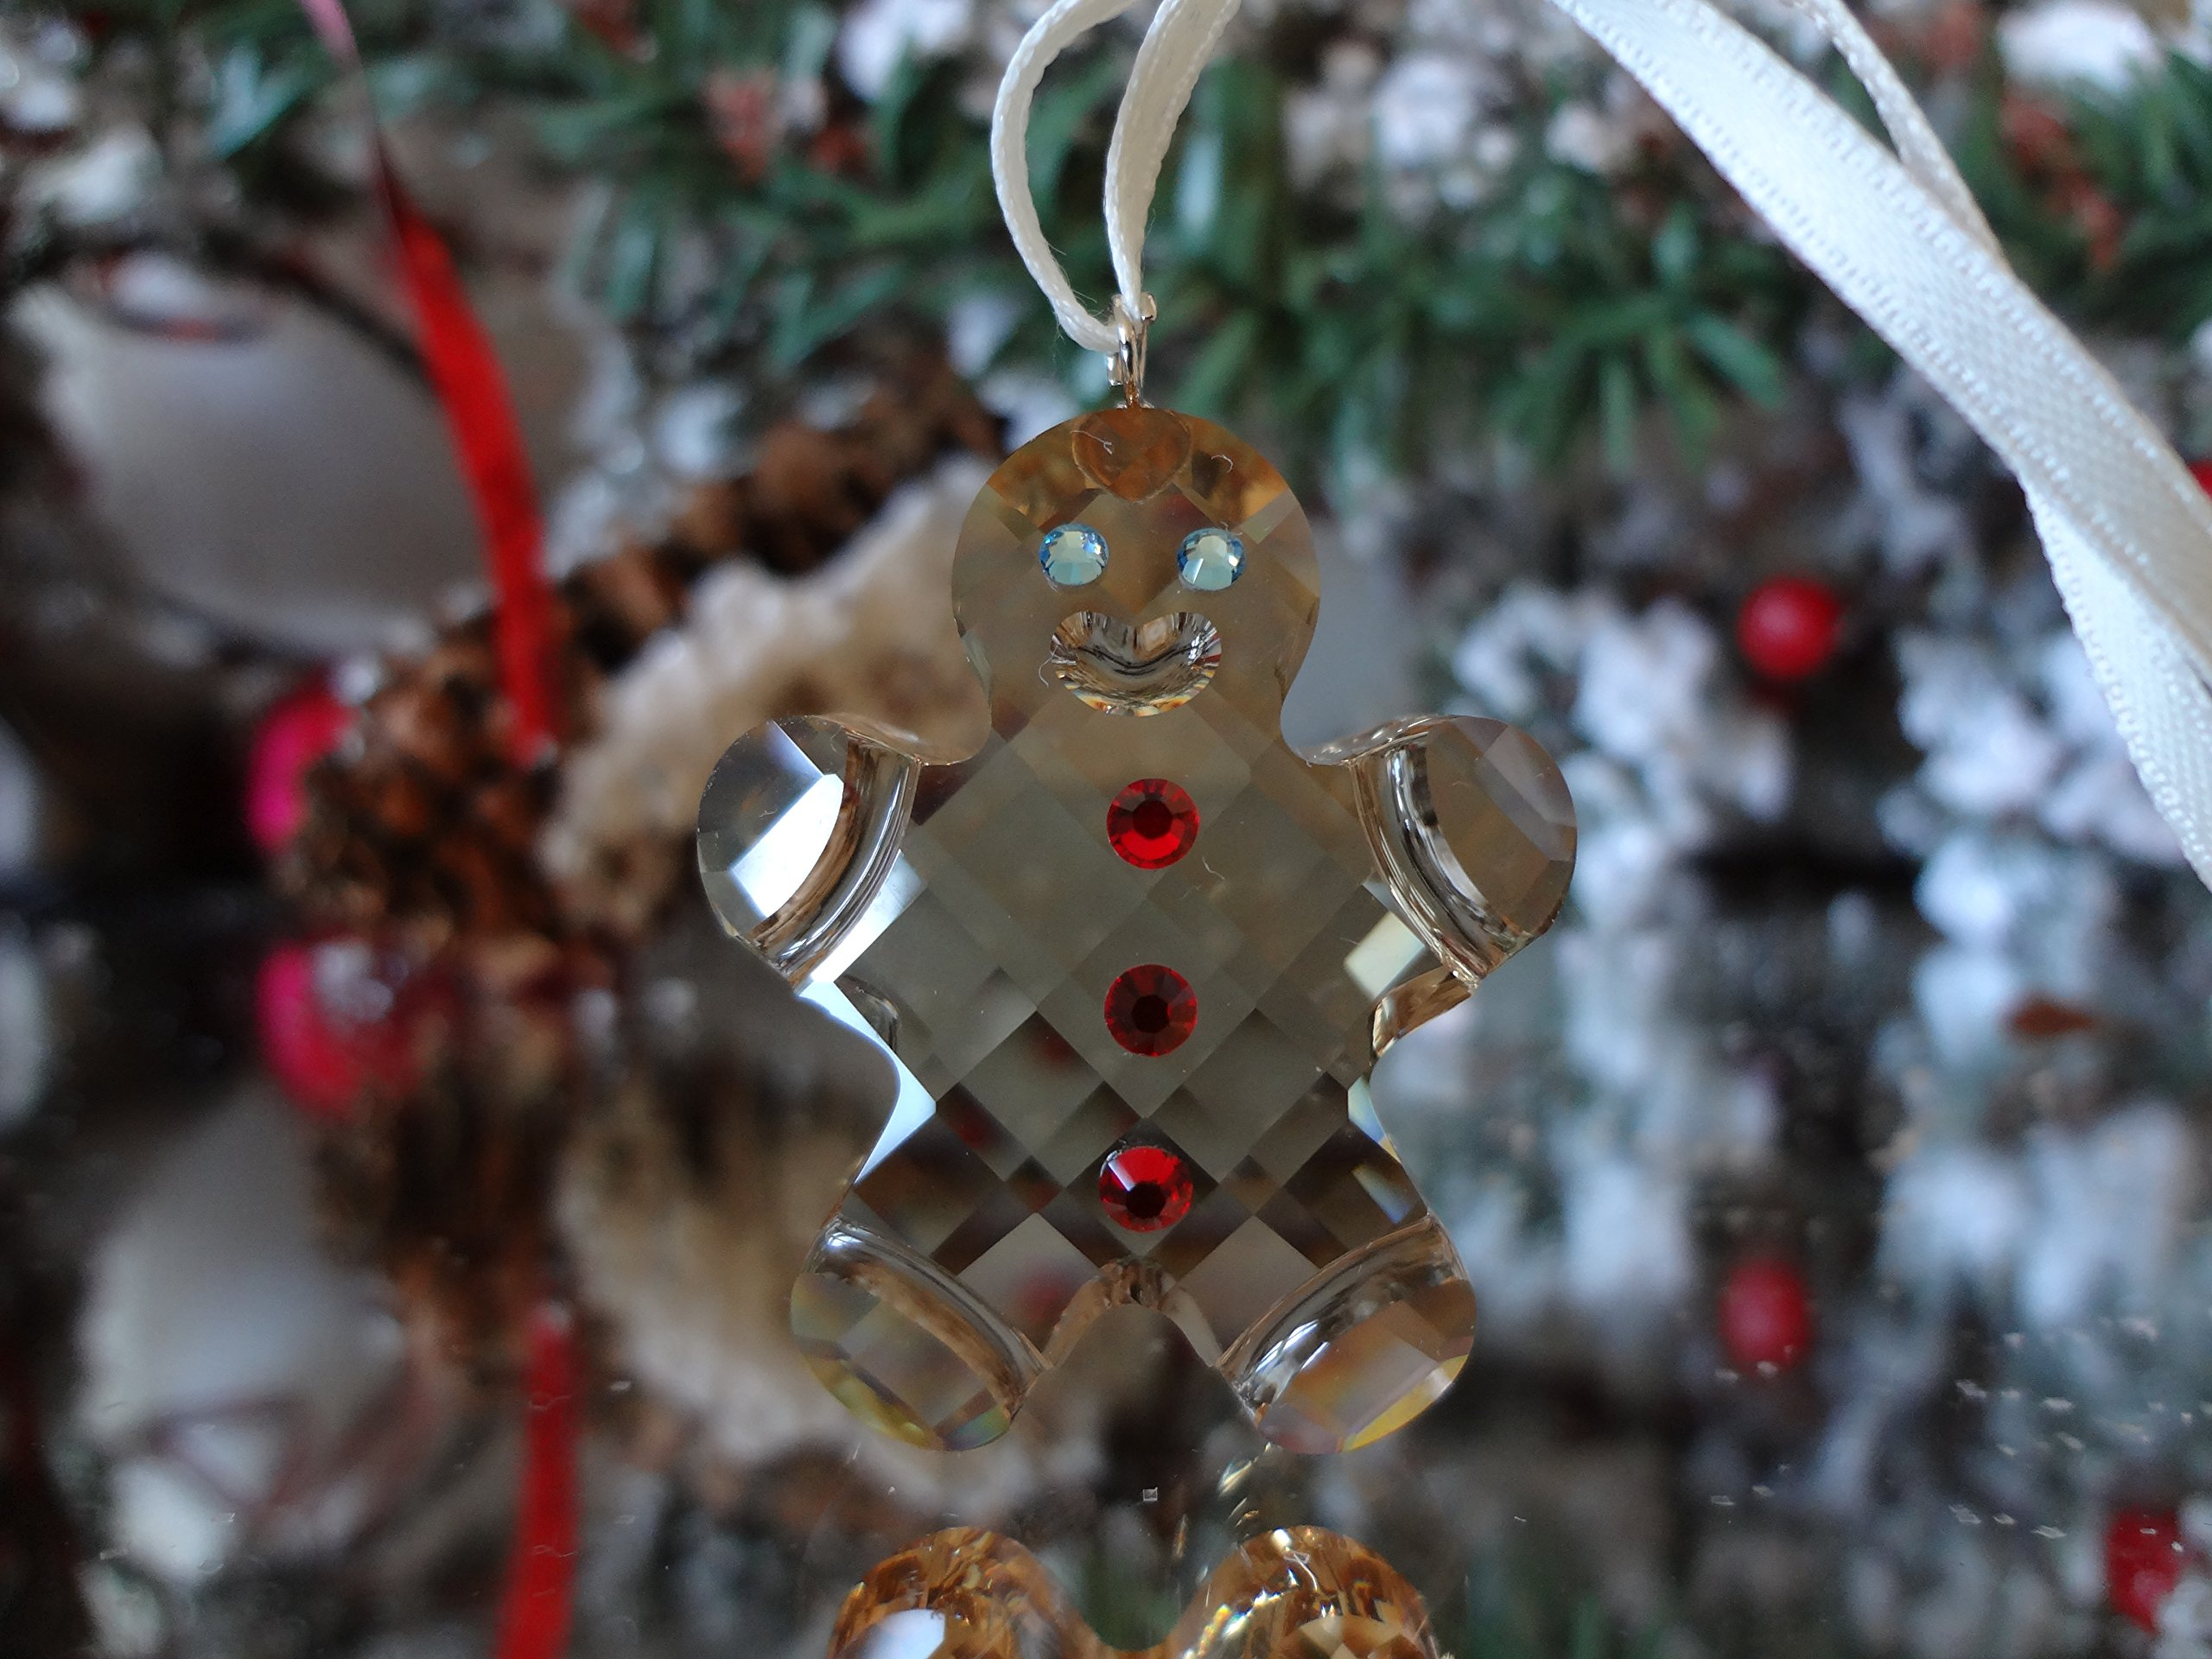 Swarovski Georgie the Original Gingerbread Man Christmas Ornament